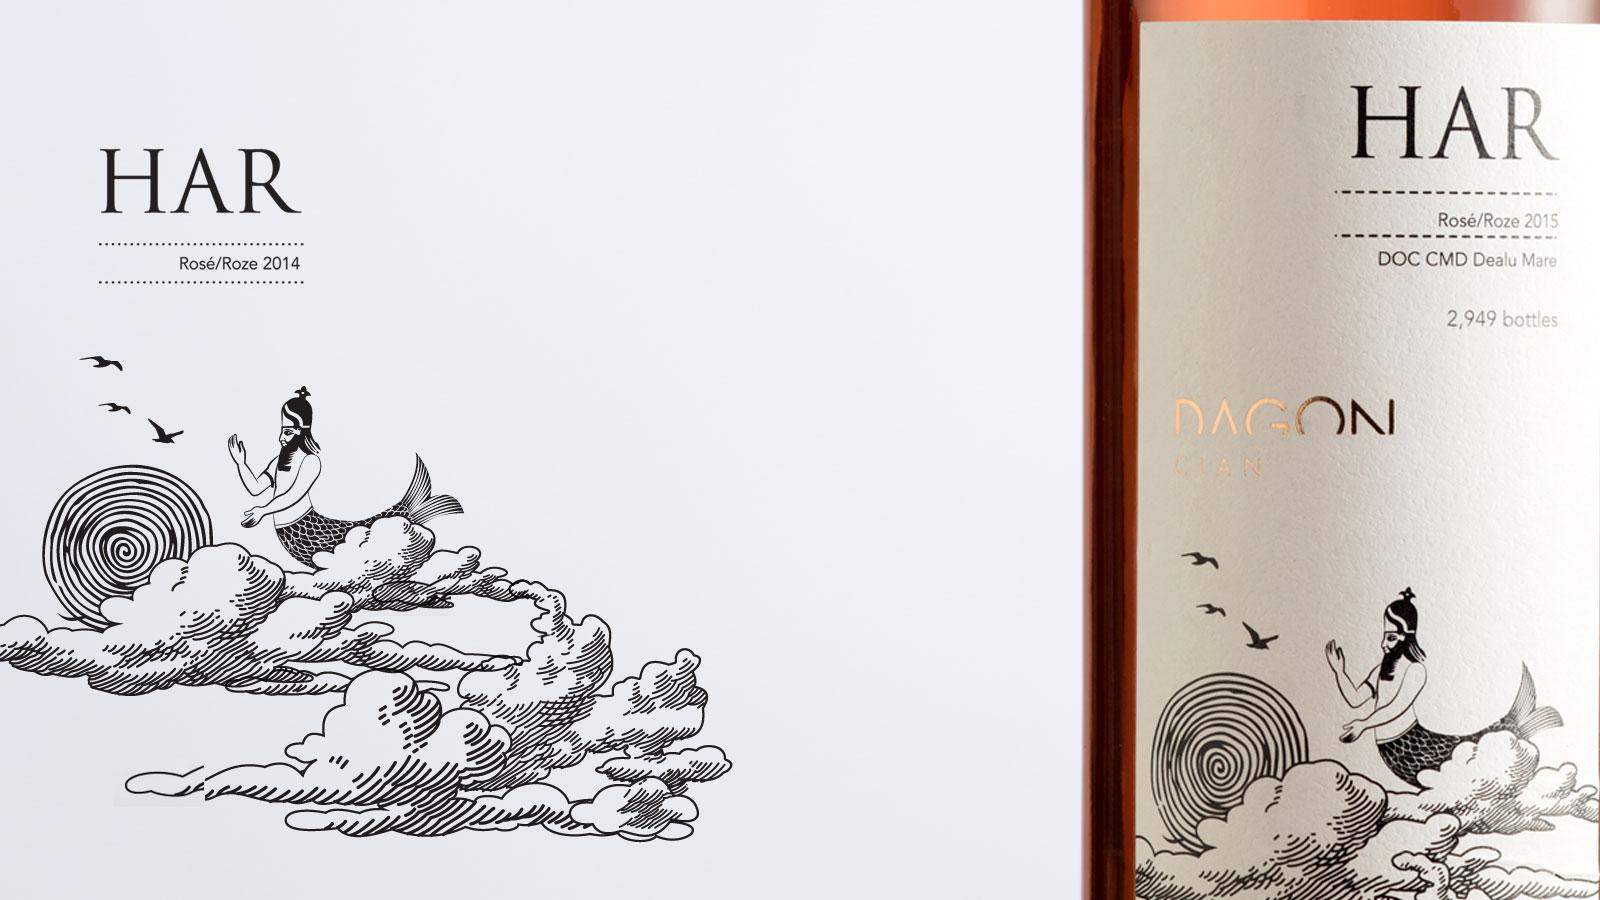 Vinul Har